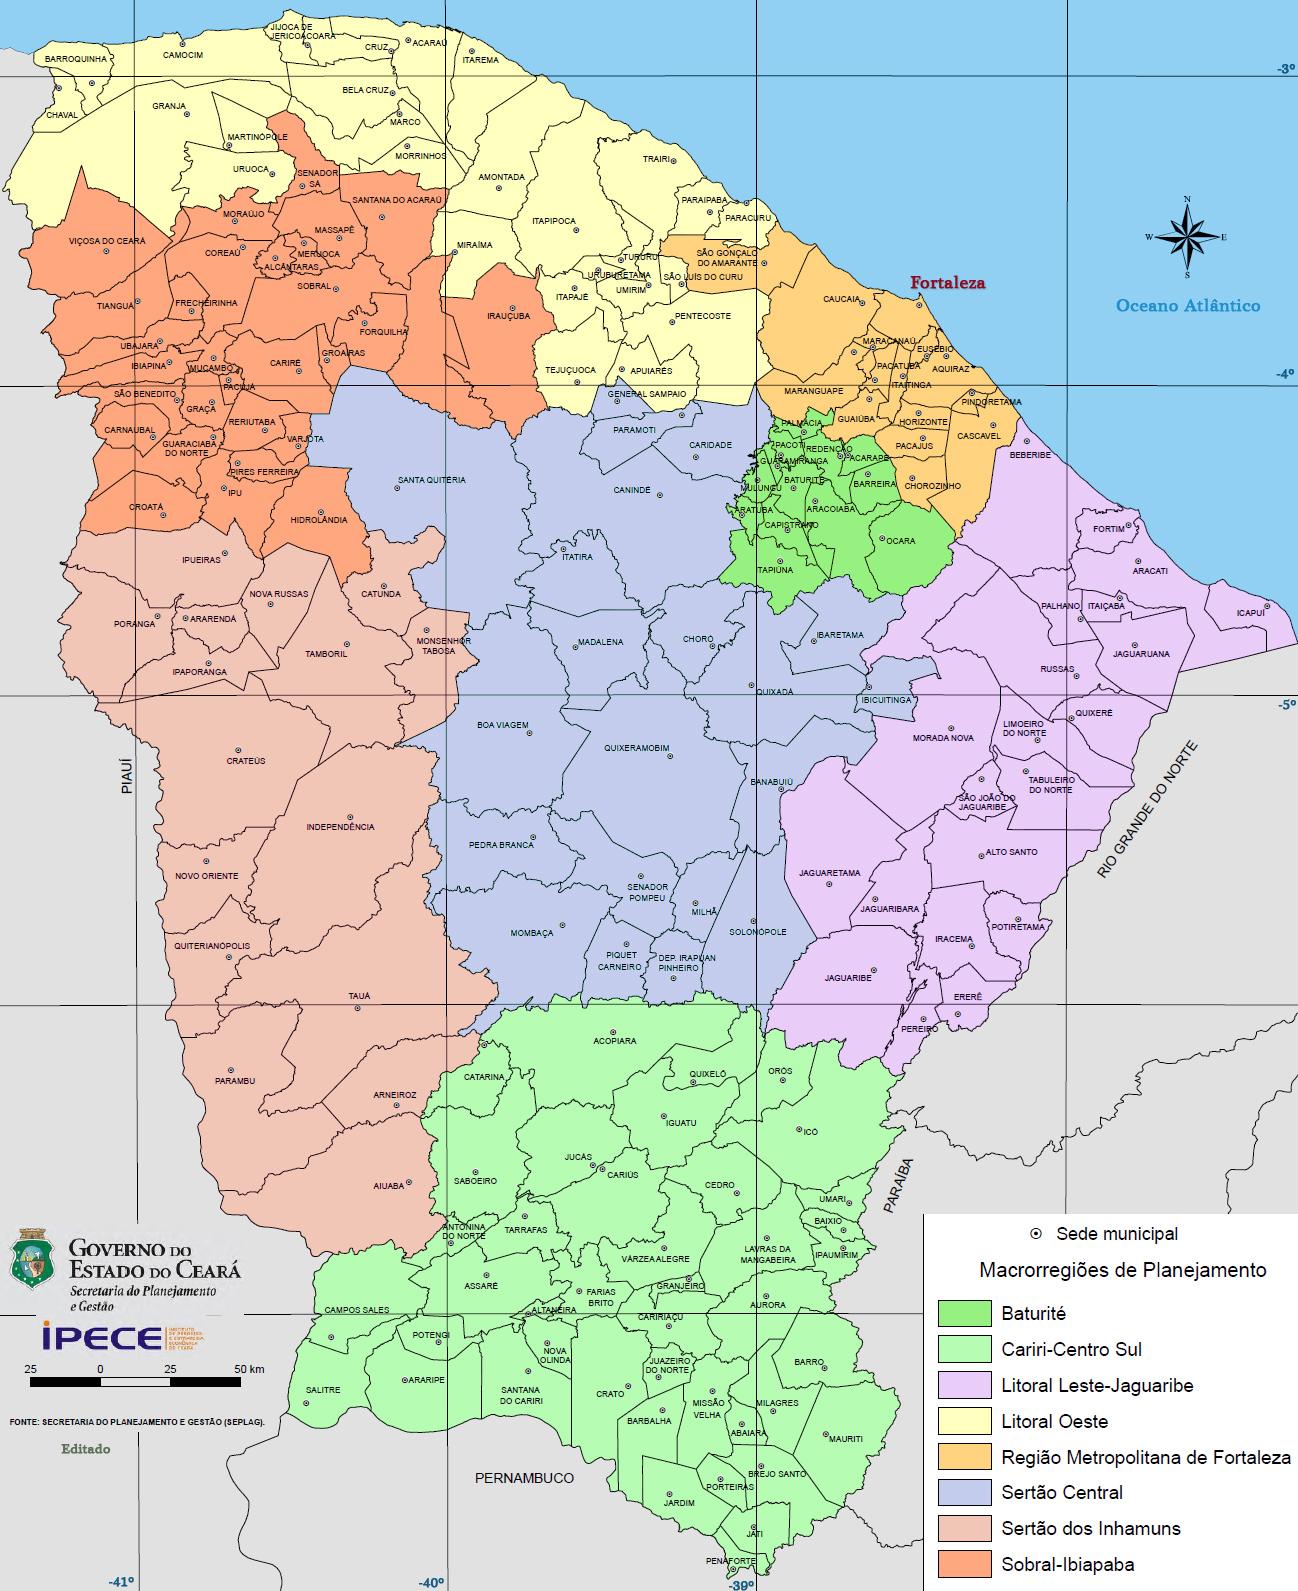 Extensão Territorial dos Municípios do Ceará em km²